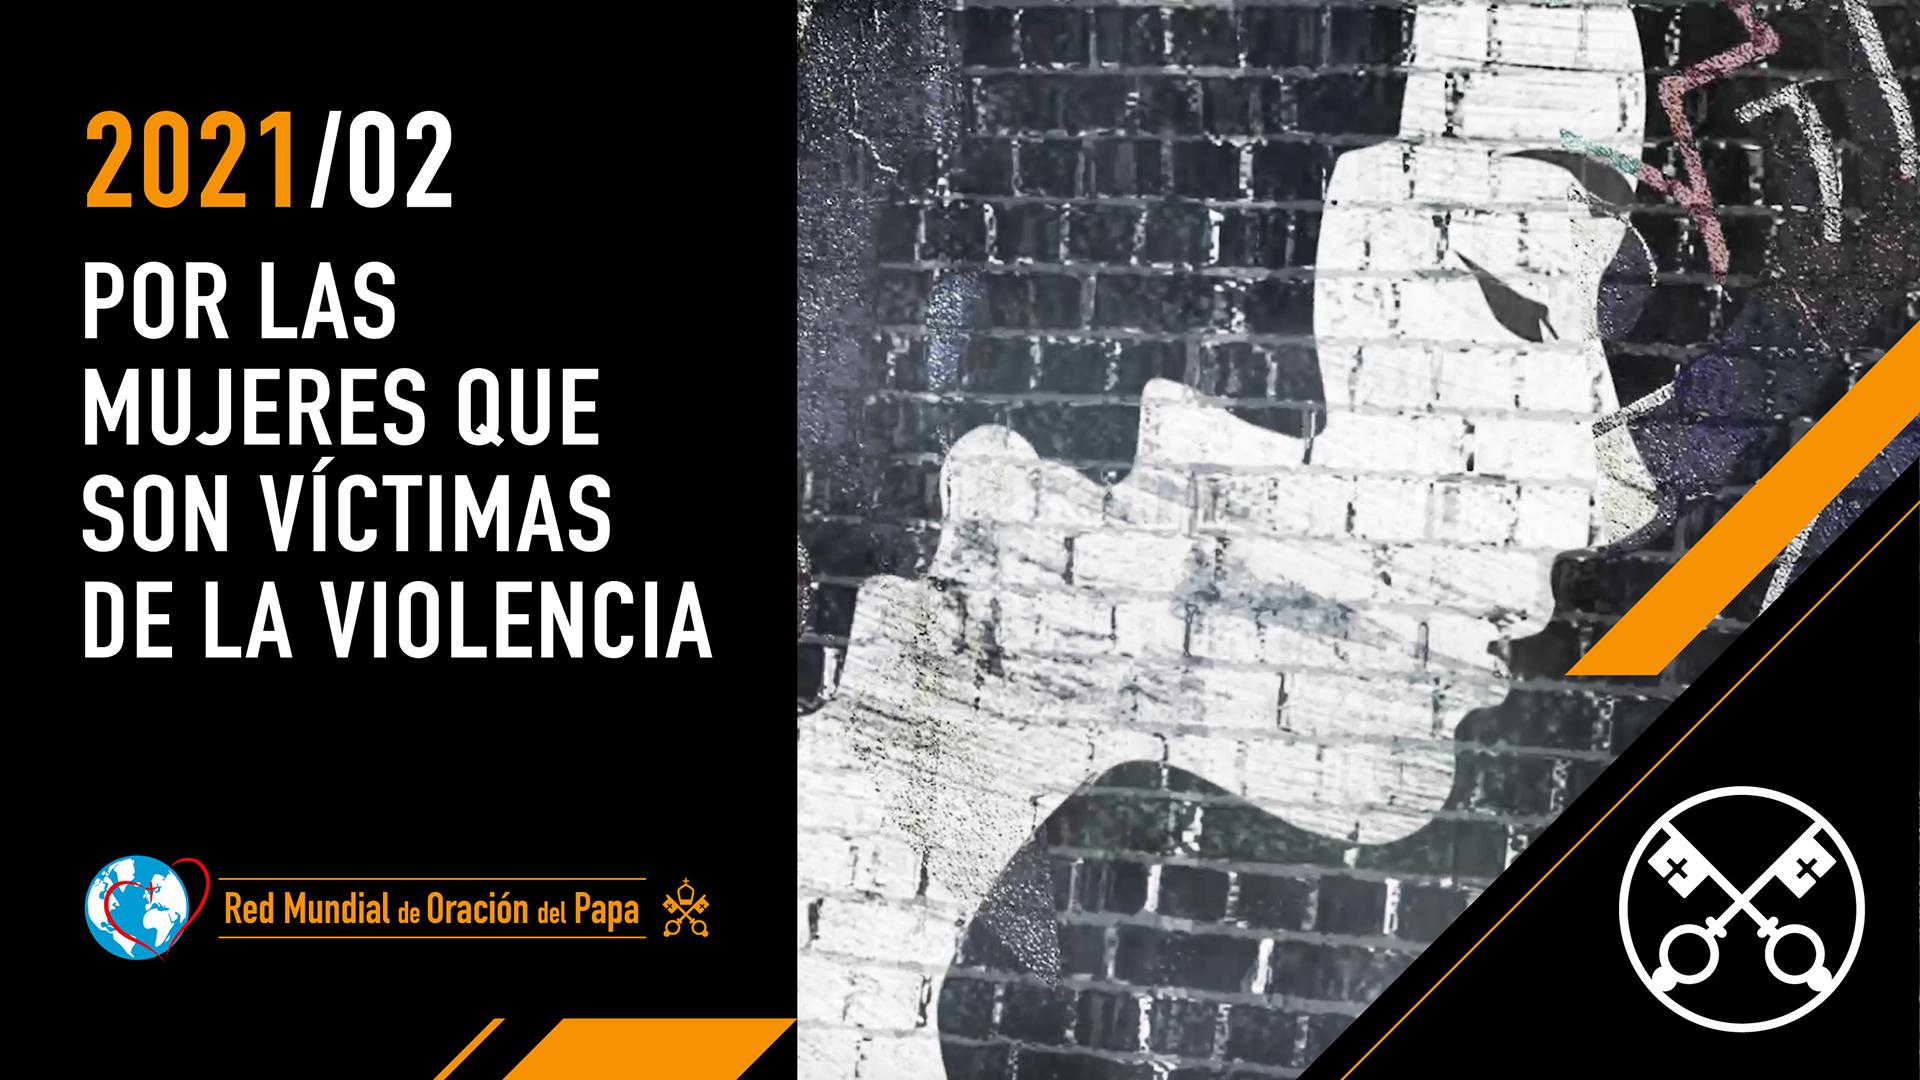 Por las mujeres que son víctimas de la violencia – El Video del Papa